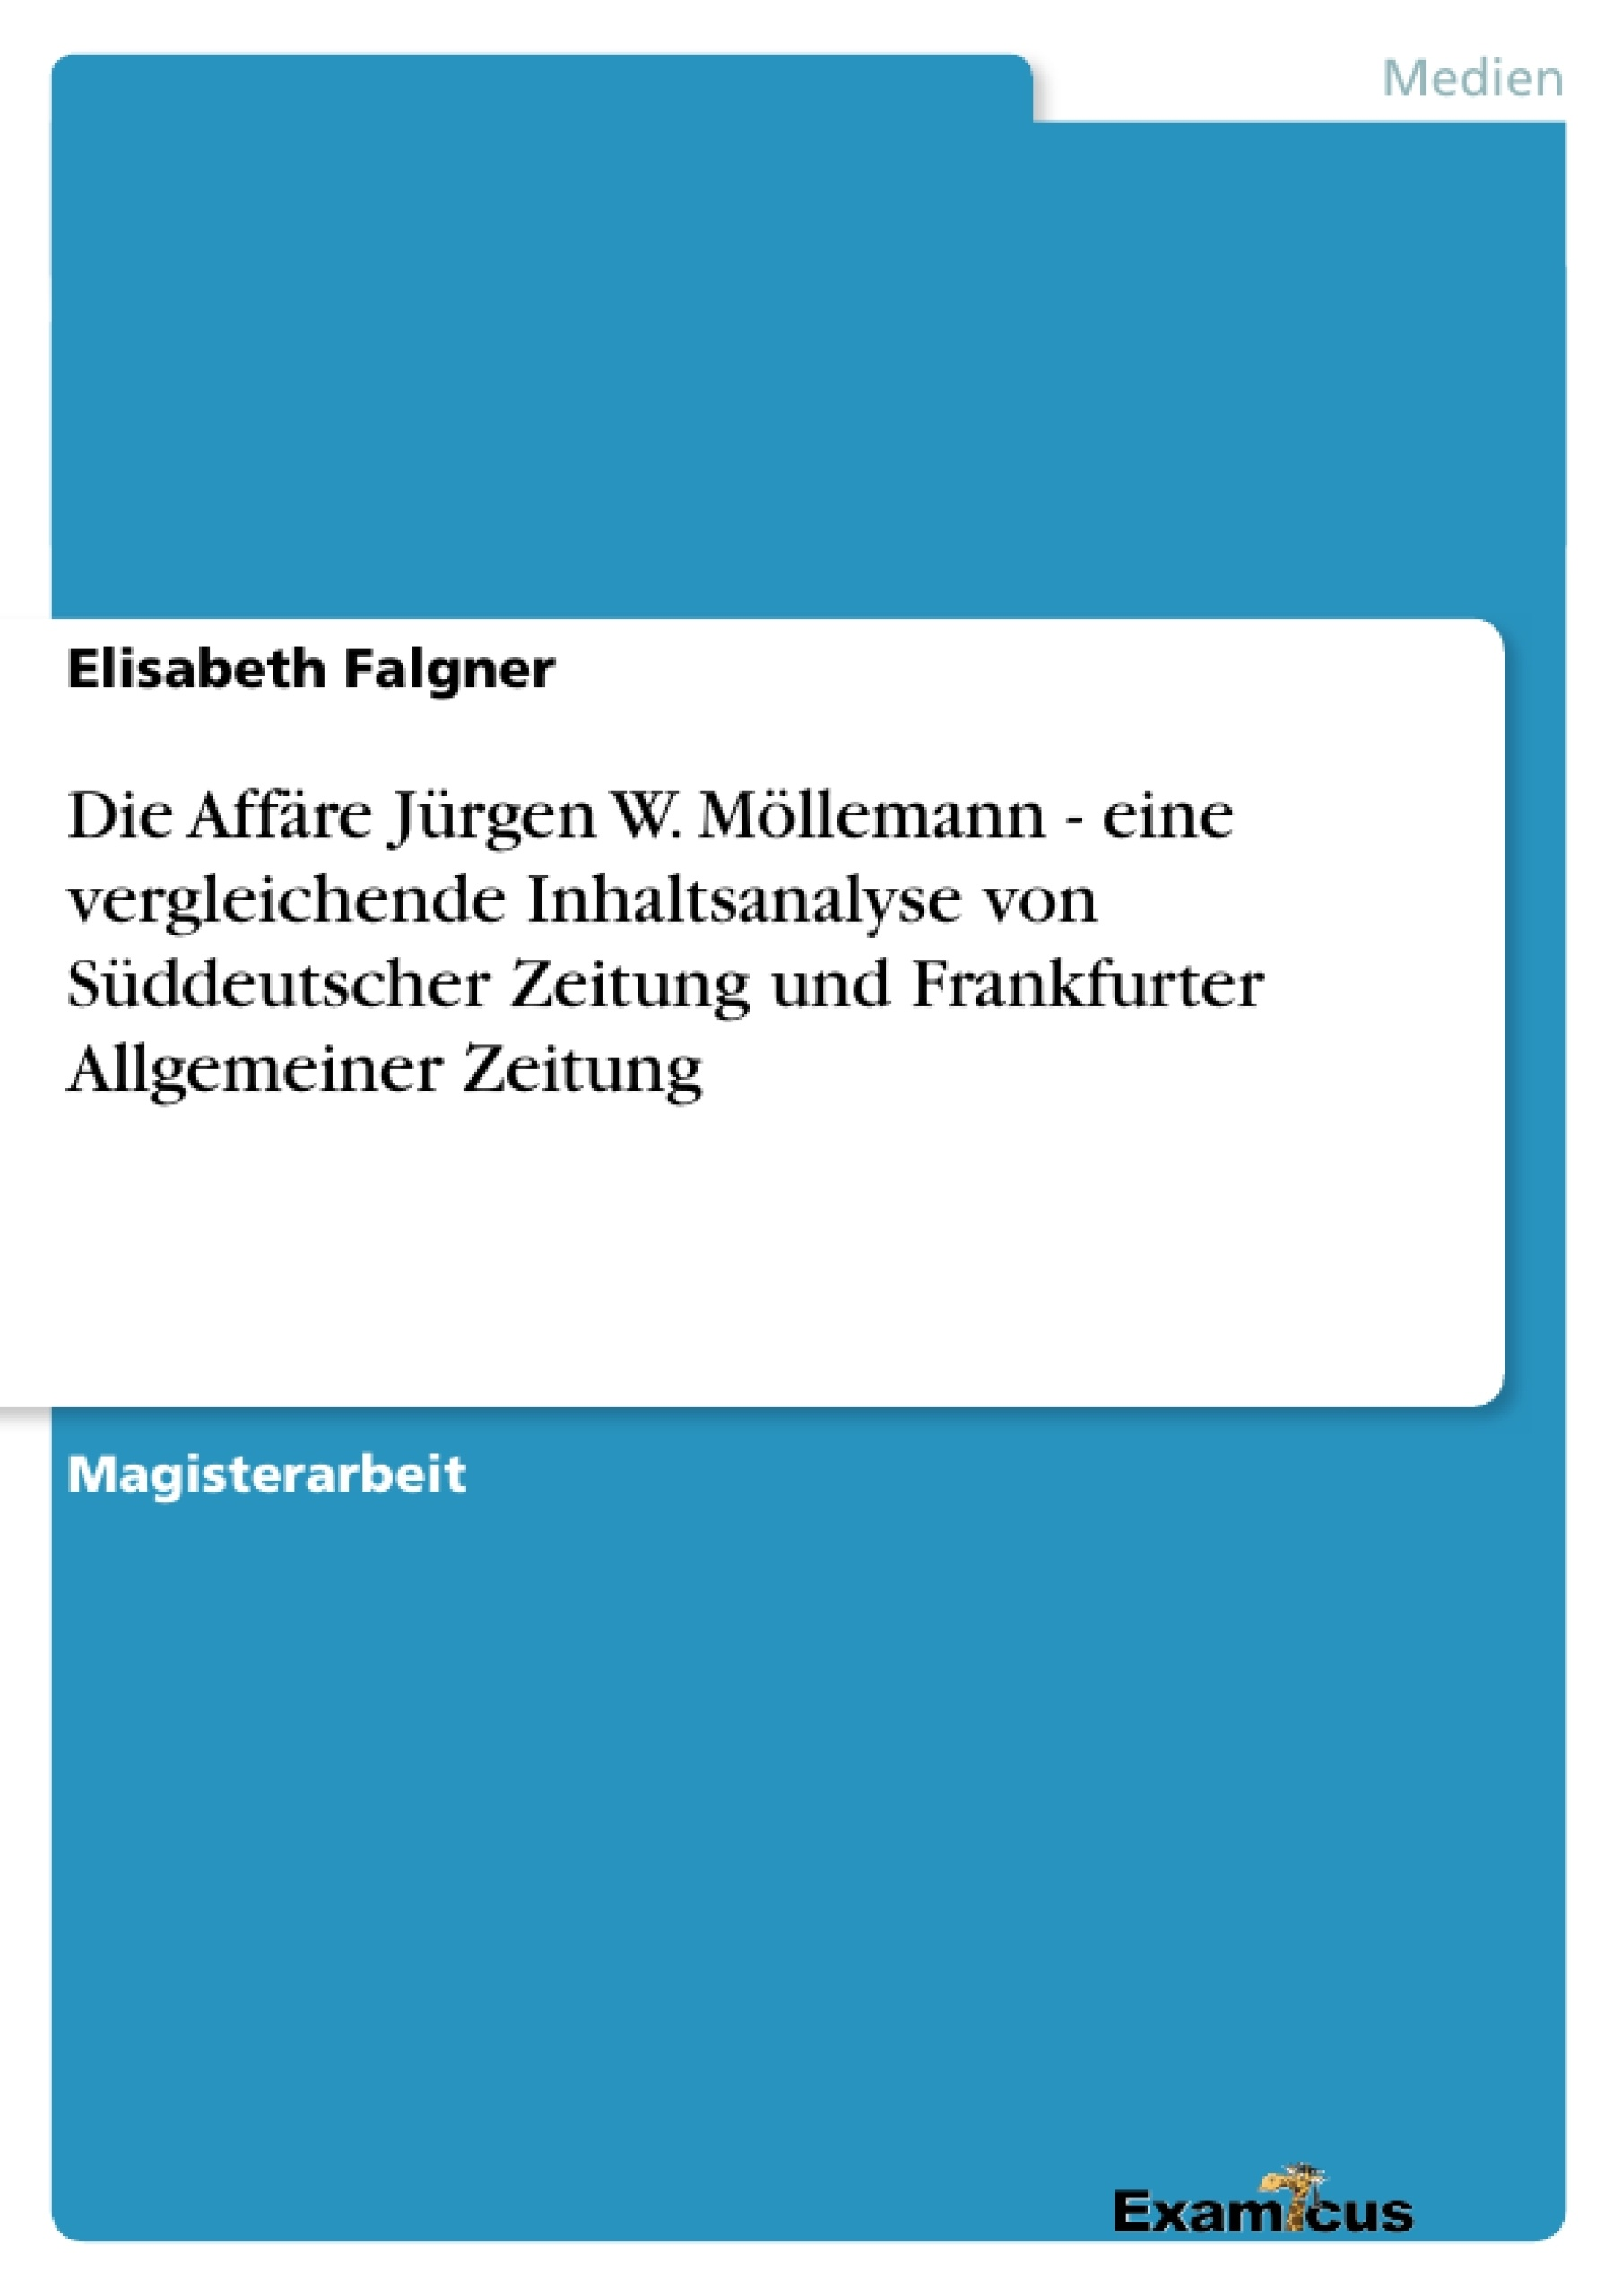 Titel: Die Affäre Jürgen W. Möllemann - eine vergleichende Inhaltsanalyse von Süddeutscher Zeitung und Frankfurter Allgemeiner Zeitung